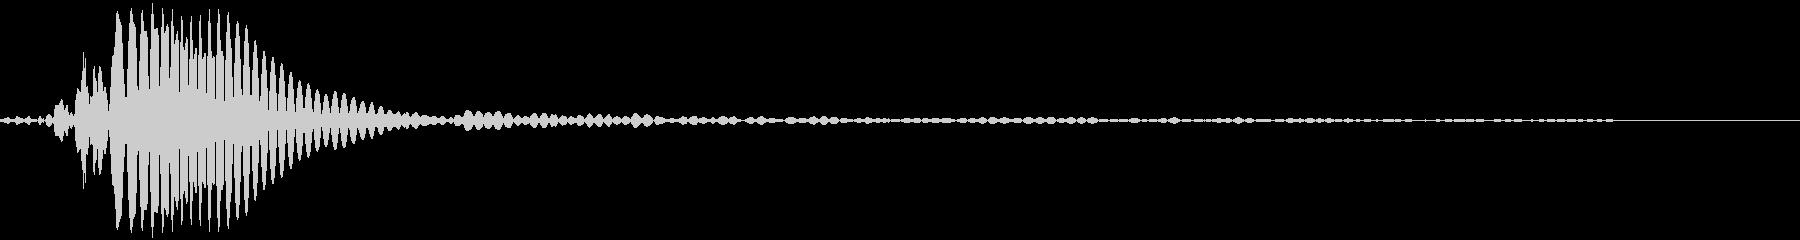 ポン(タップ・クリック音)の未再生の波形